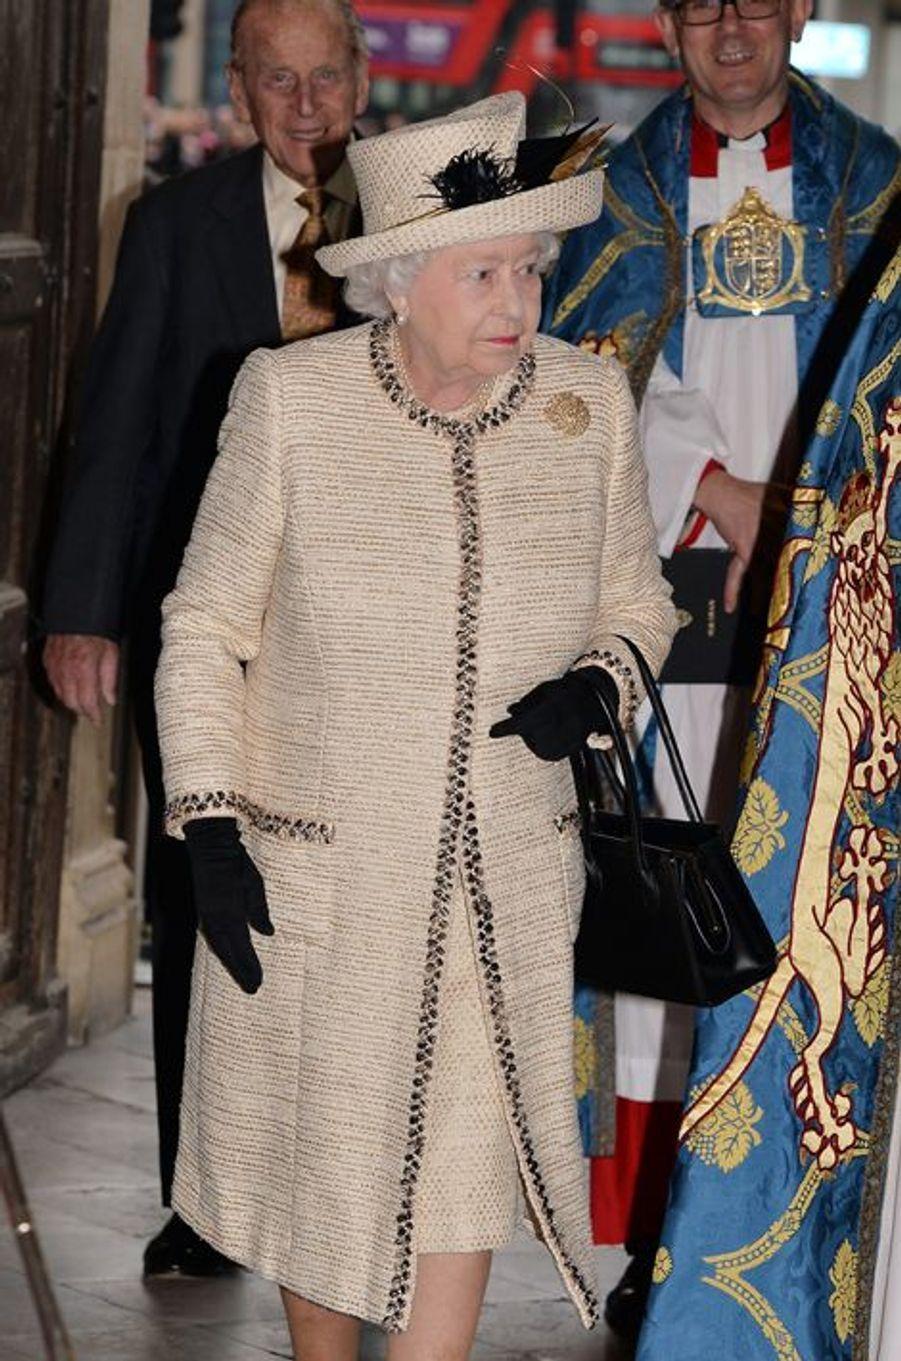 La reine Elizabeth II et le duc d'Edimbourg arrivent à l'abbaye de Westminster à Londres, le 9 mars 2015